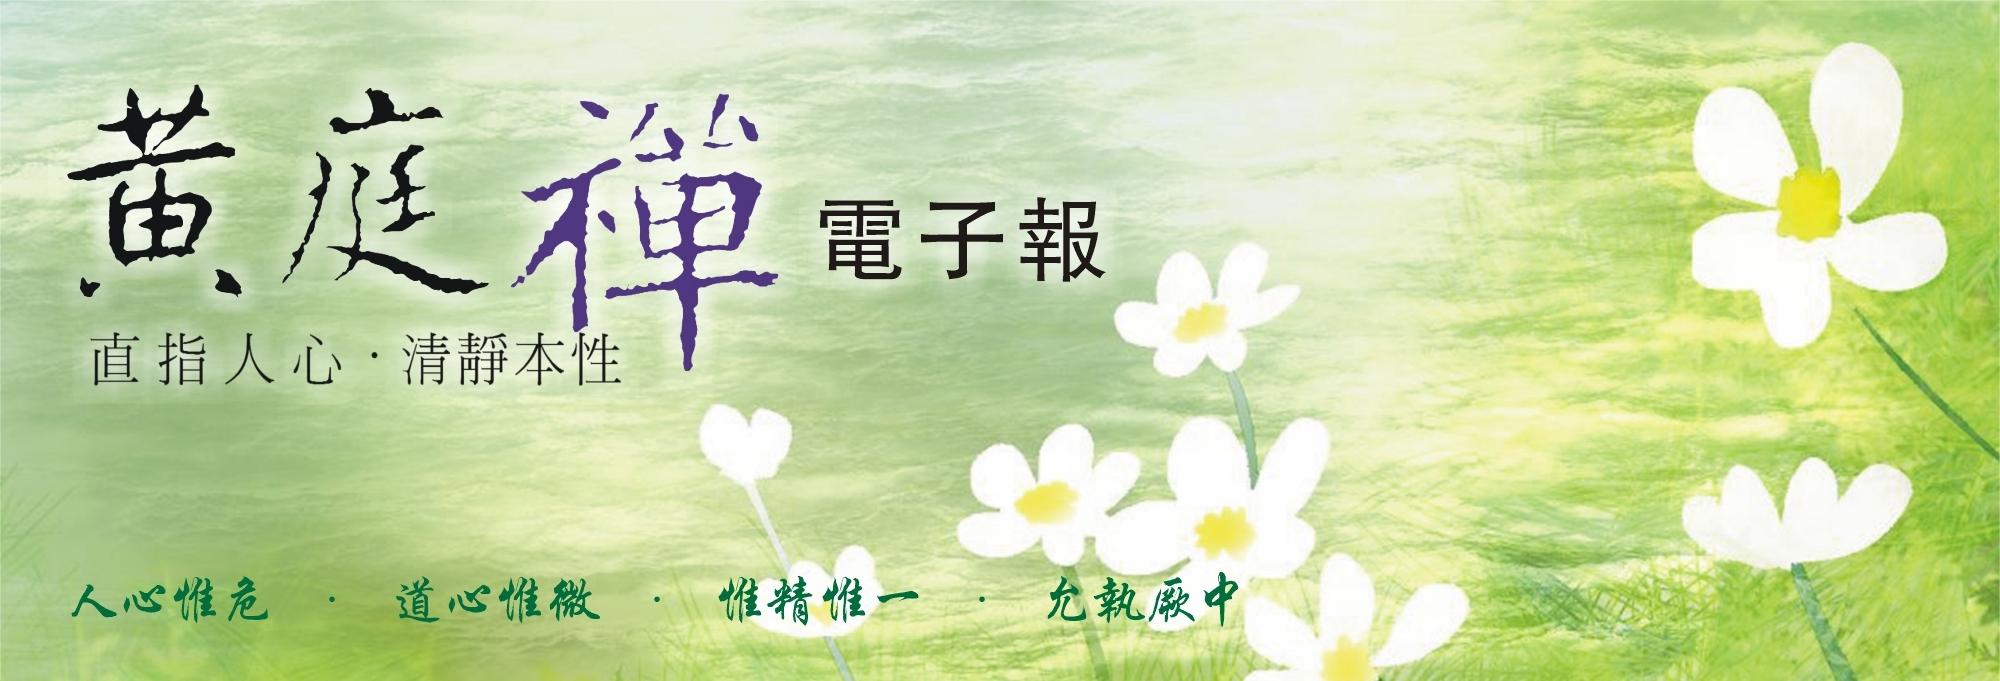 中華黃庭禪學會2017.05.11電子報